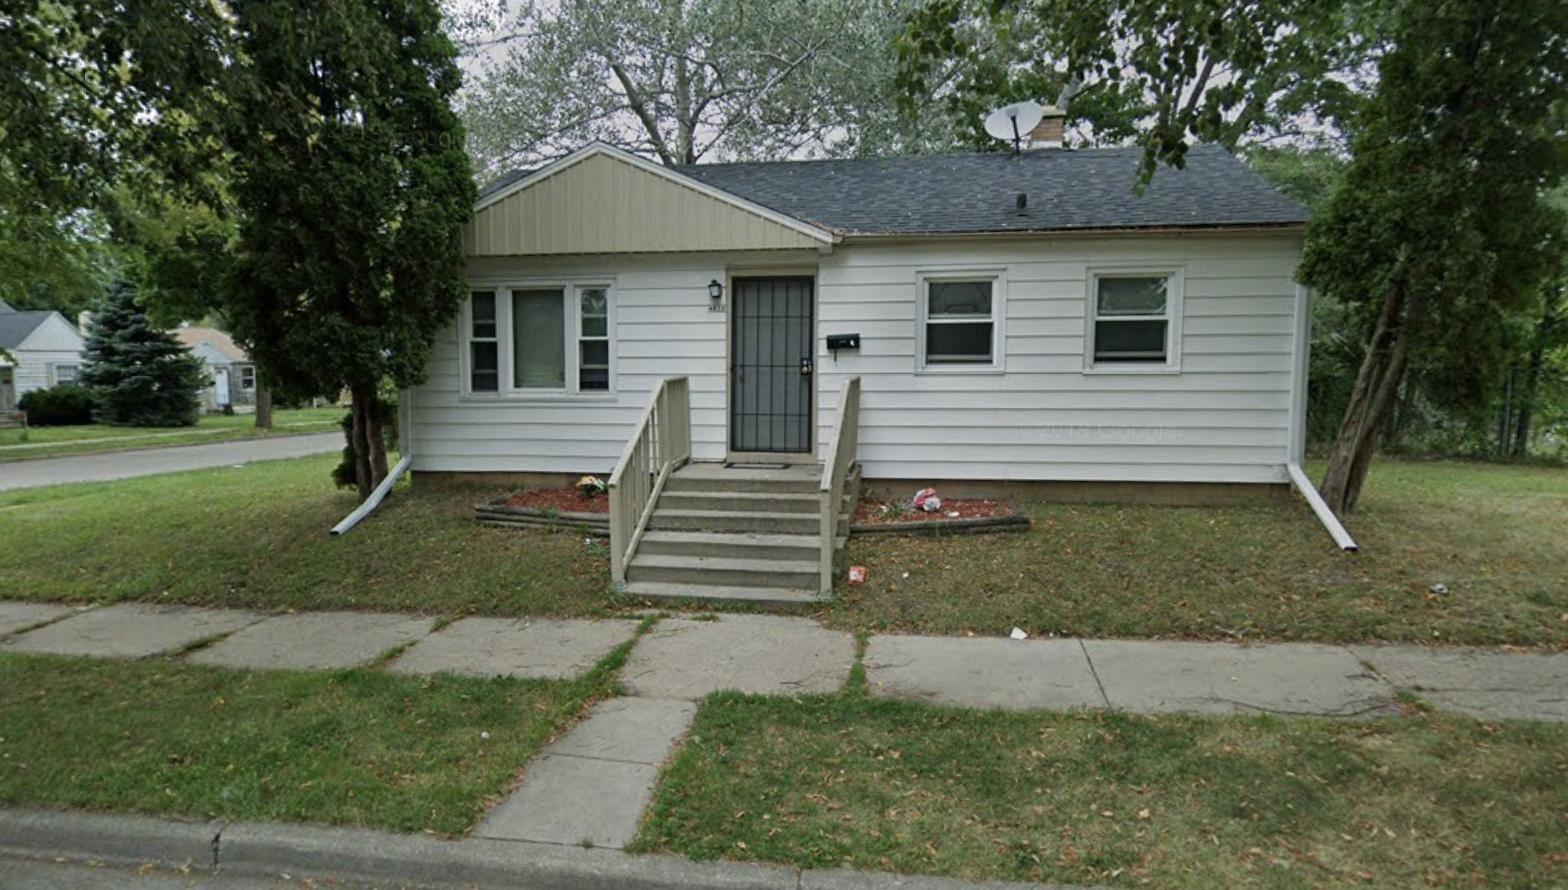 4830 W Fiebrantz Ave, Milwaukee, WI 53216 - #: 1727550